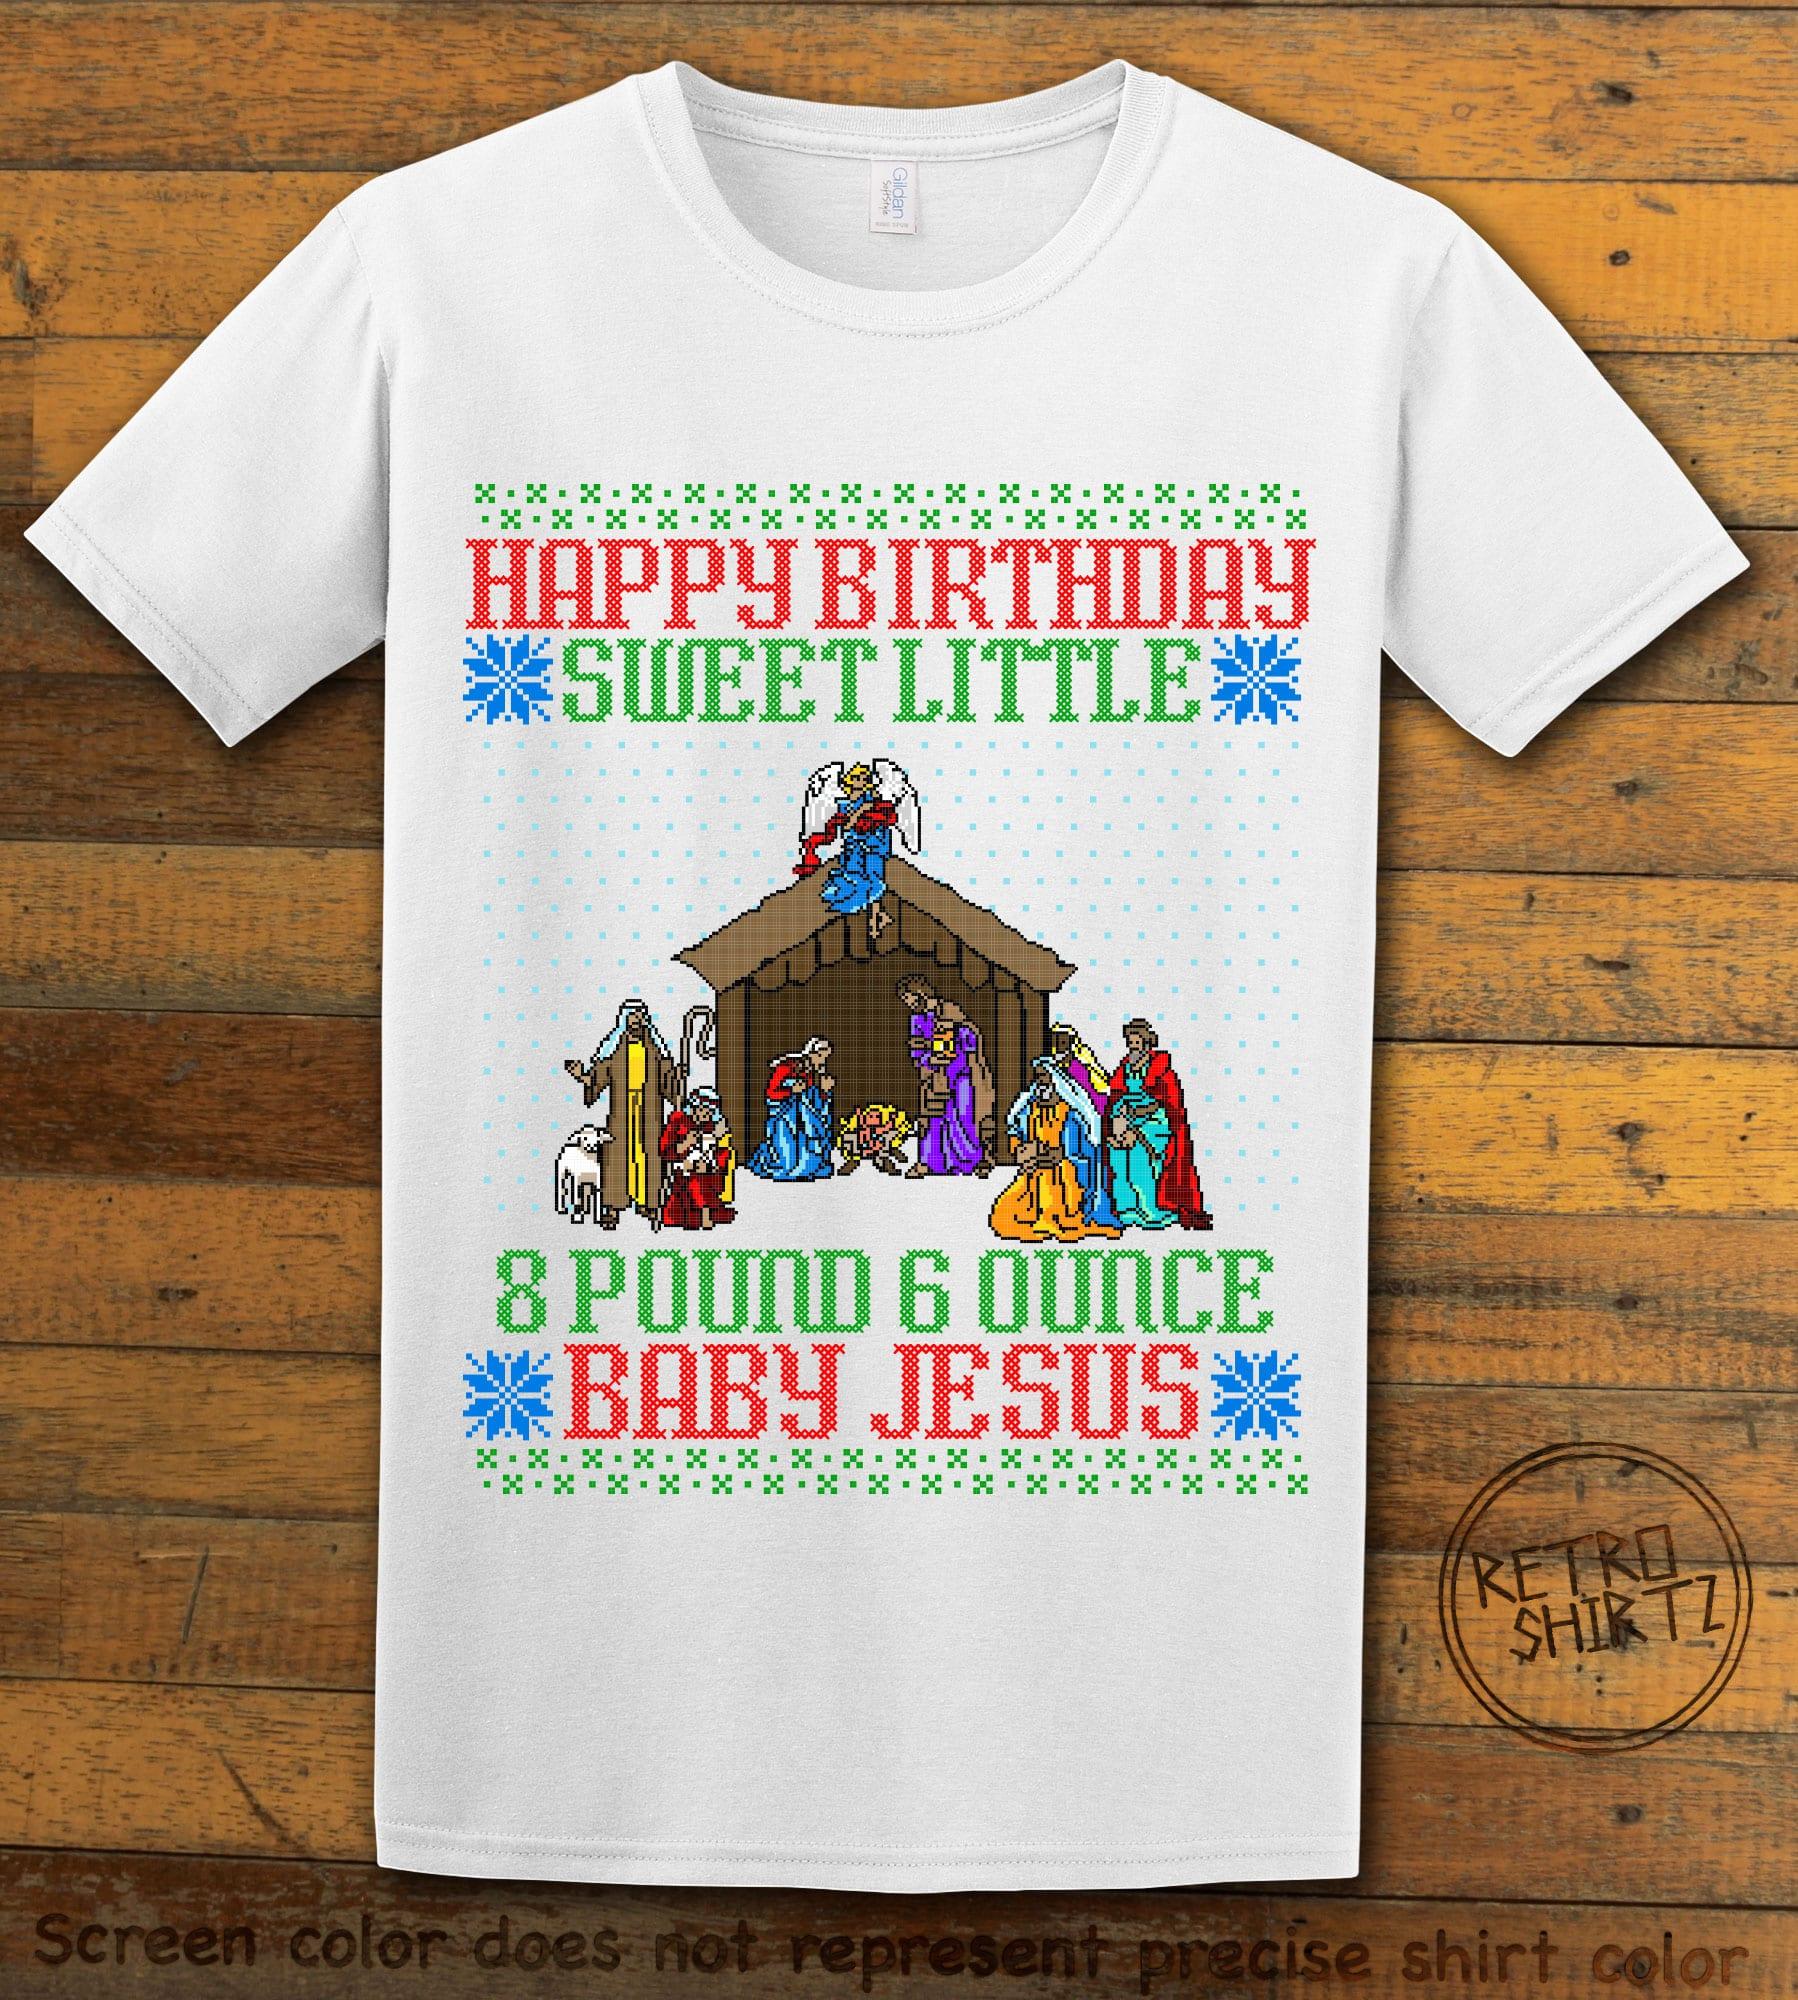 Happy Birthday Sweet Little Baby Jesus Christmas Graphic T-Shirt - white shirt design